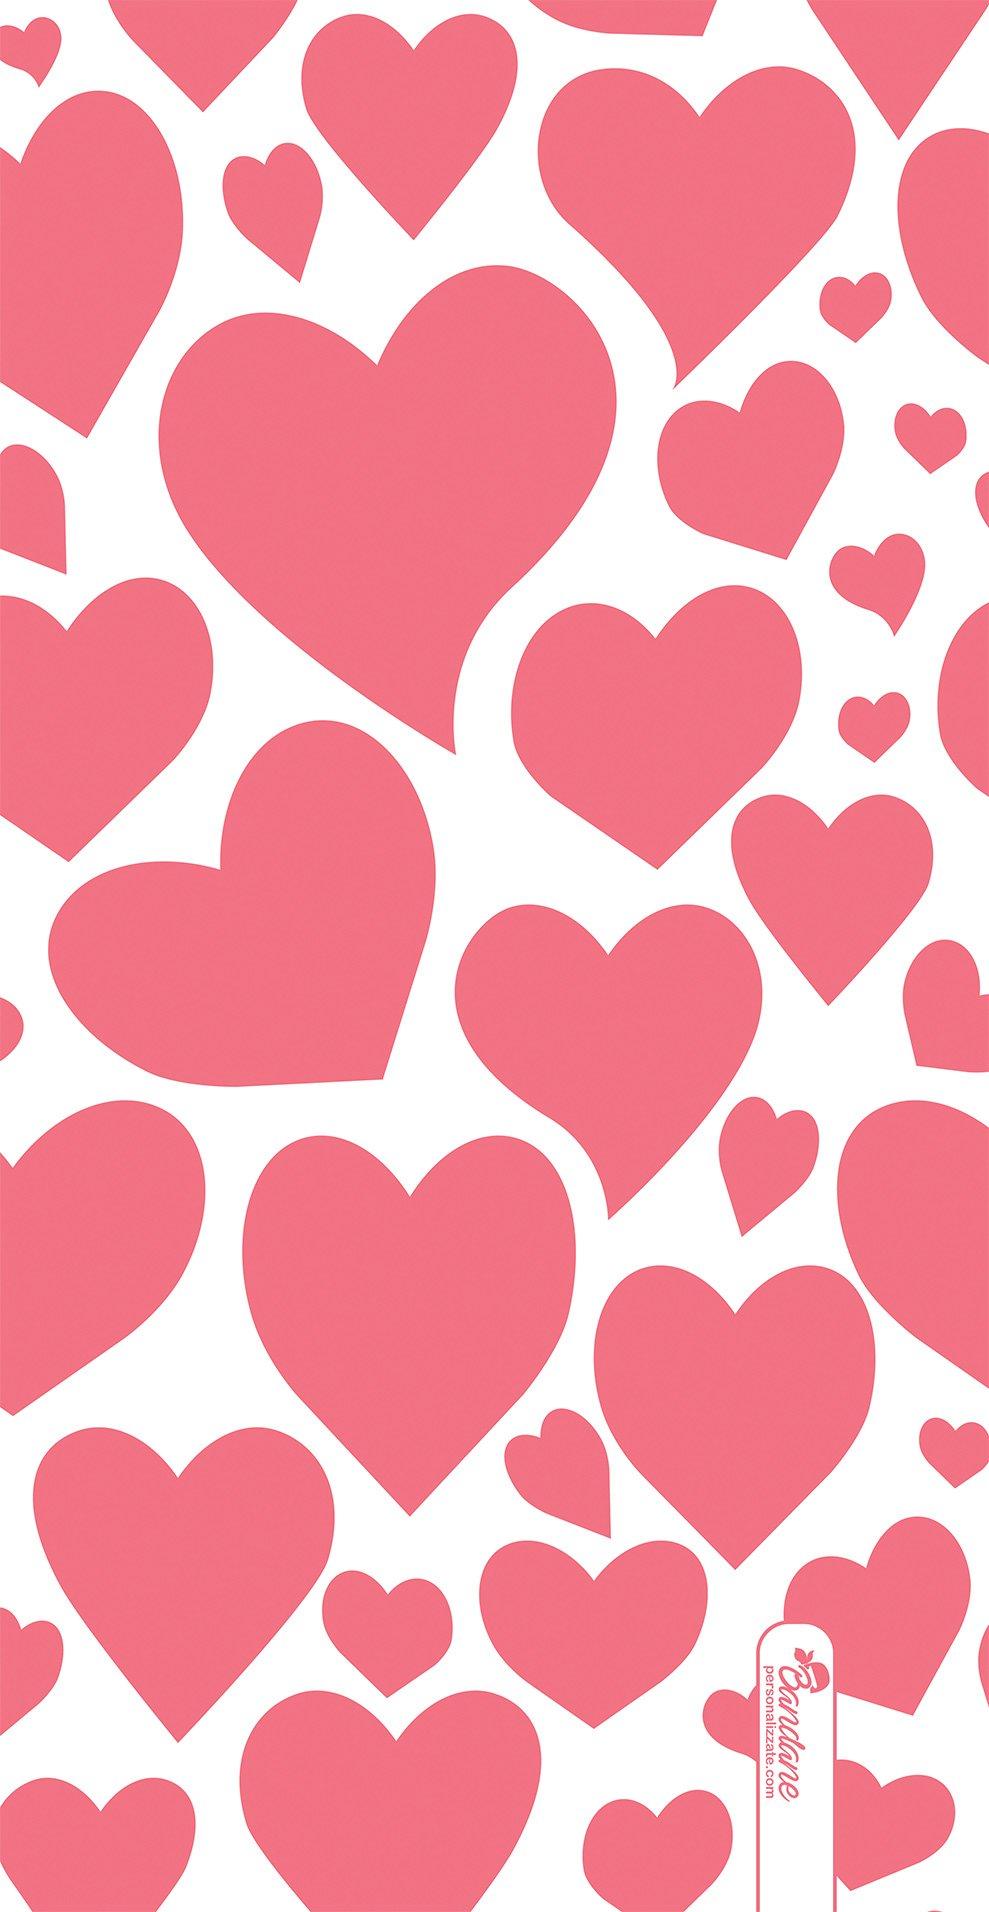 Scaldacollo pioggia di cuori san valentino for Immagini di cuori rossi